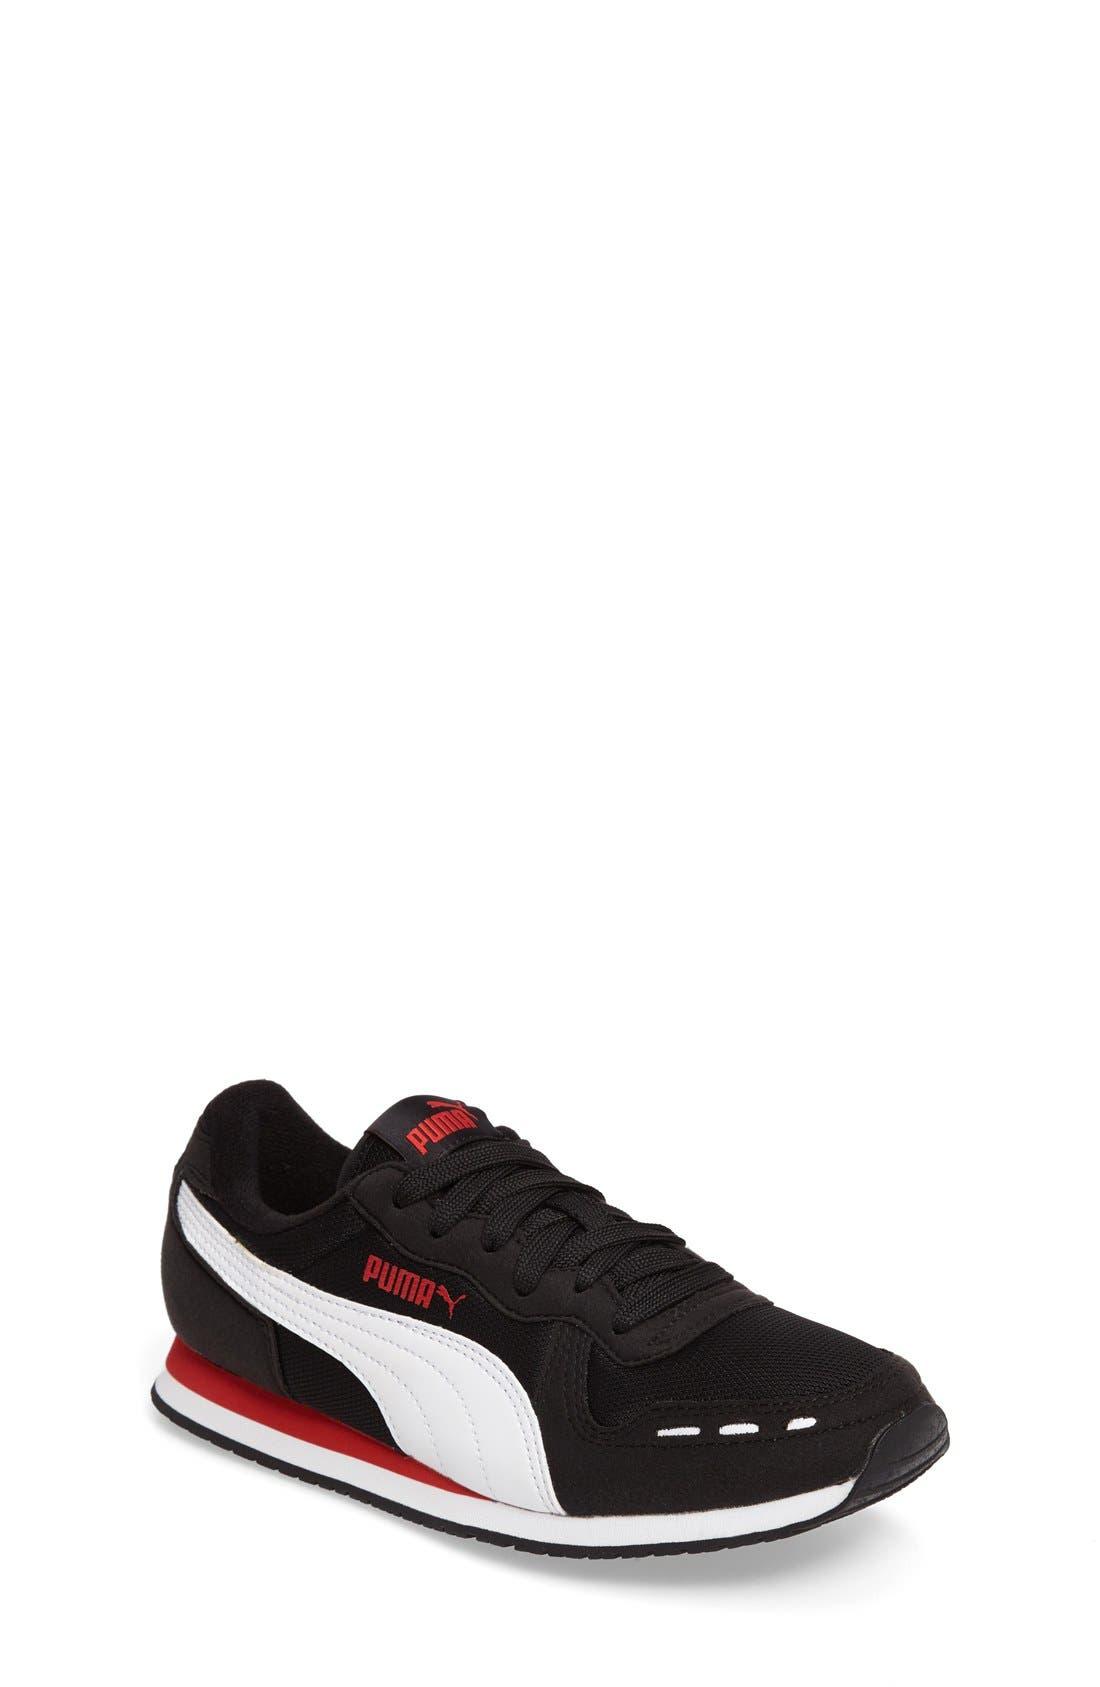 Cabana Racer Sneaker,                         Main,                         color, Puma Black-Puma White